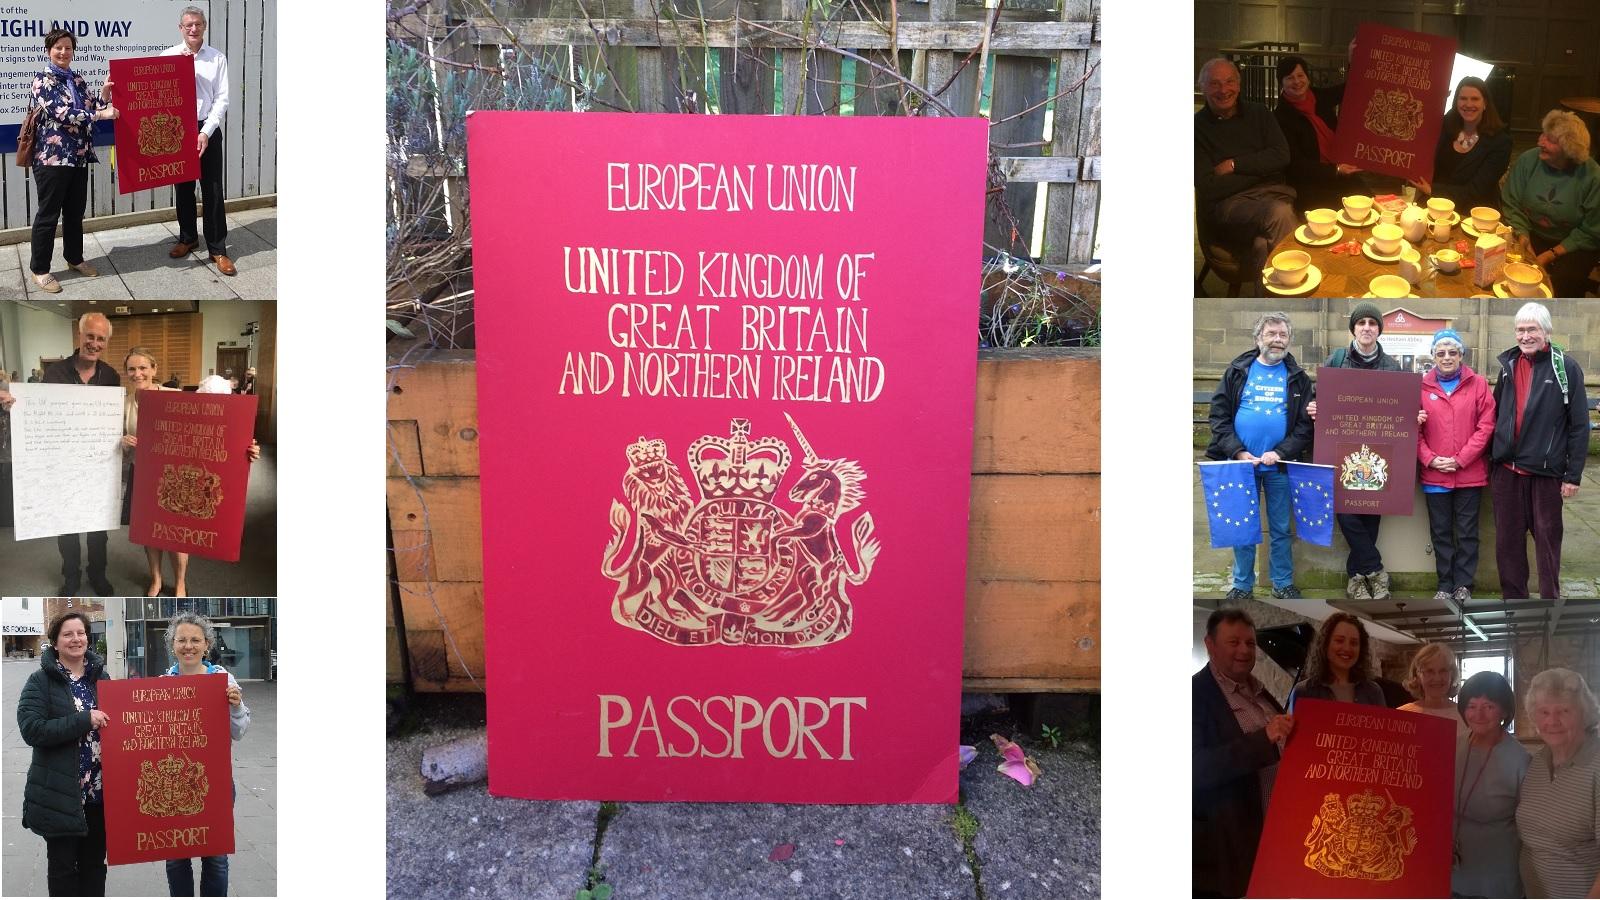 Best Passport Photo Store in New York City - Doi